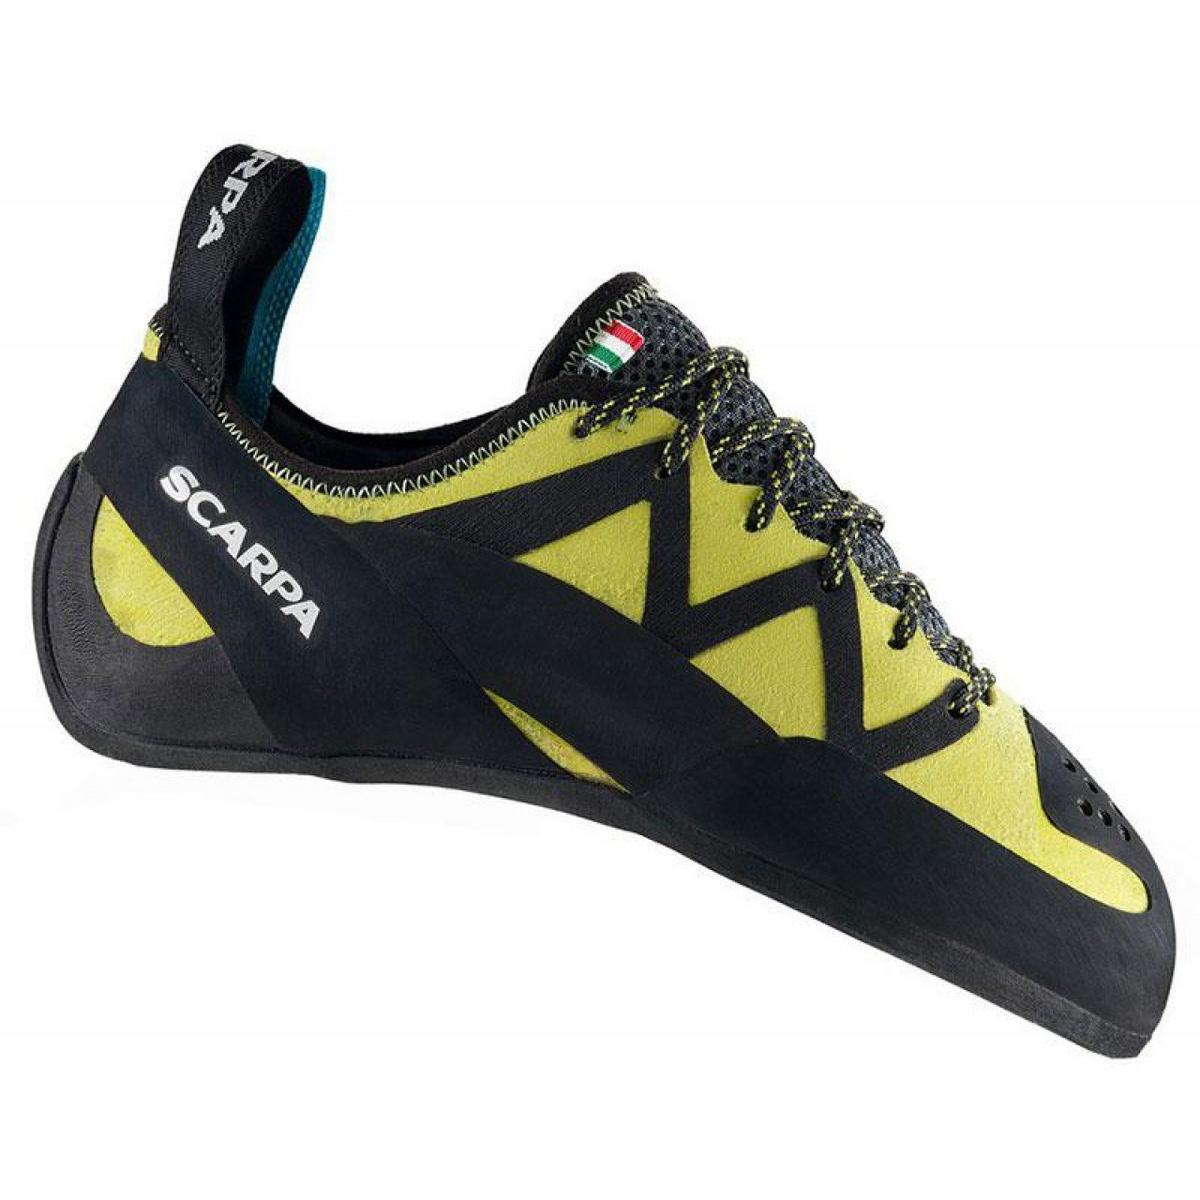 Scarpa Rock Shoes Men's & Unisex Vapour Lace Yellow